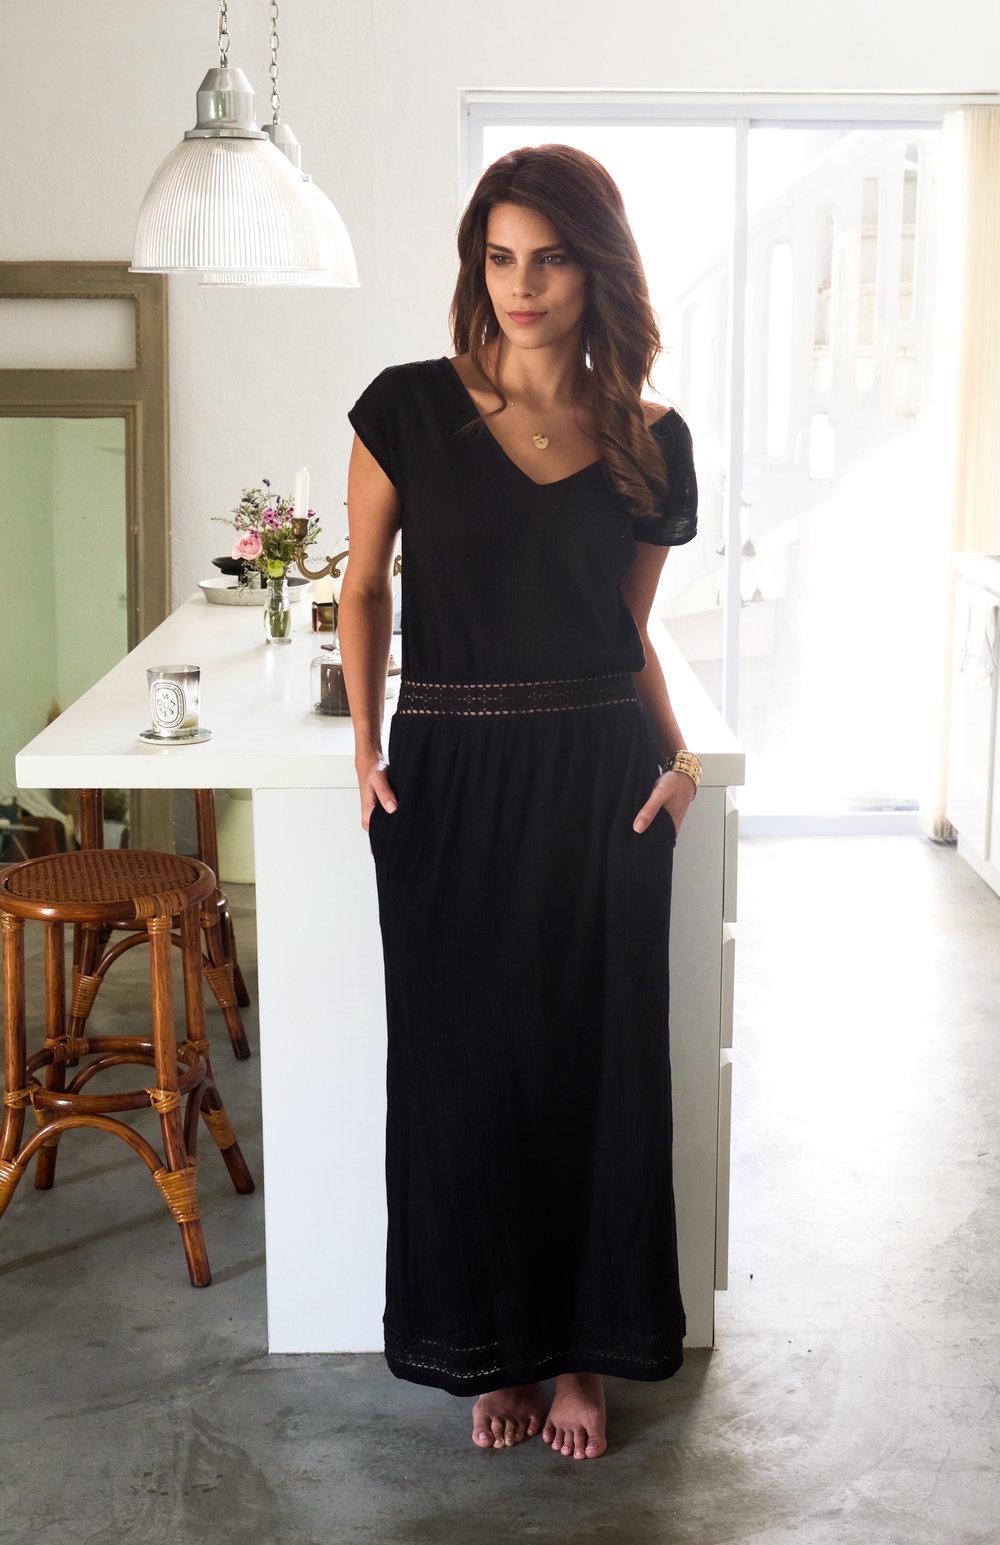 20180923-CCBJ-Jaipur dress long black 220SGD.jpg